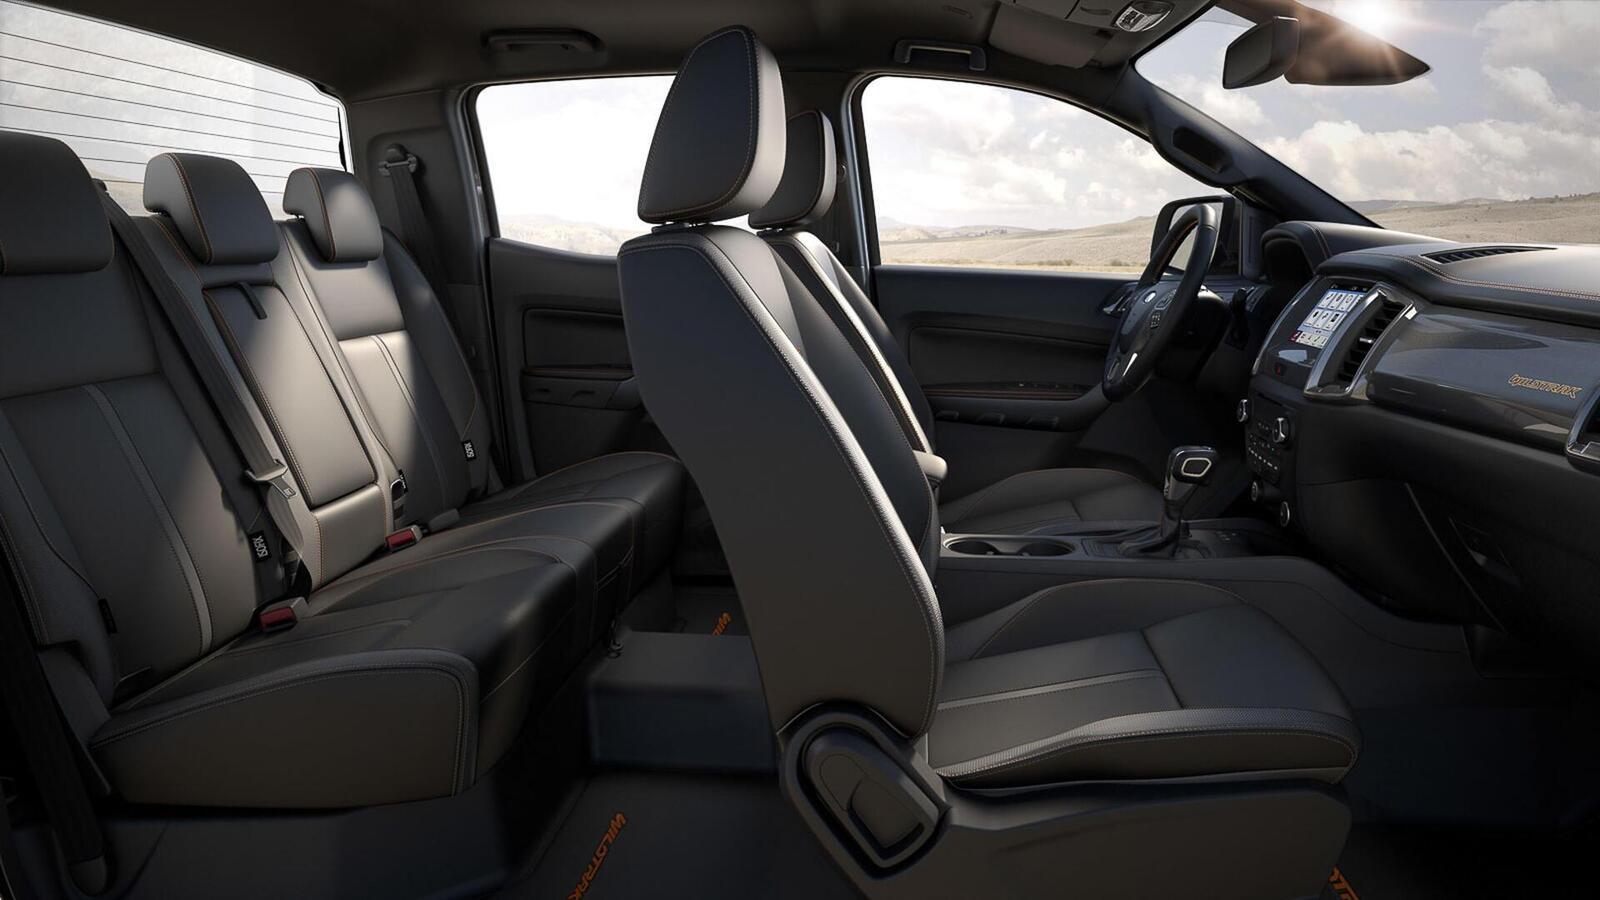 Ford Ranger đạt doanh số kỷ lục tại Châu Á Thái Bình Dương năm thứ 10 liên tiếp - Hình 12